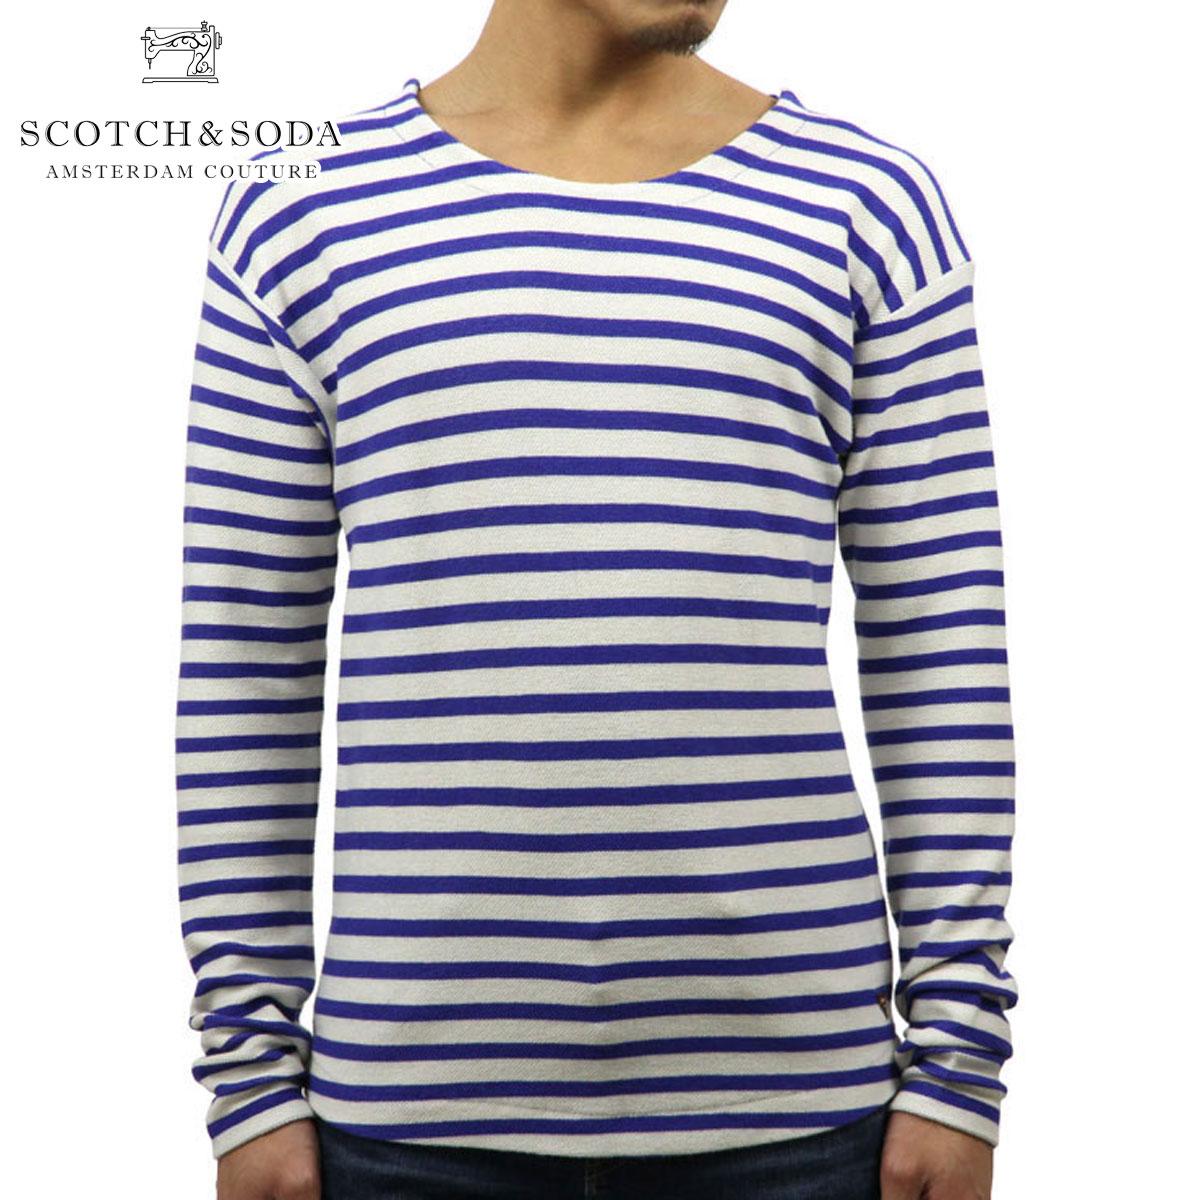 スコッチアンドソーダ SCOTCH&SODA 正規販売店 メンズ 長袖Tシャツ STRIPED PIQUZ T-SHIRT 136442 0218 COMBO B D00S15